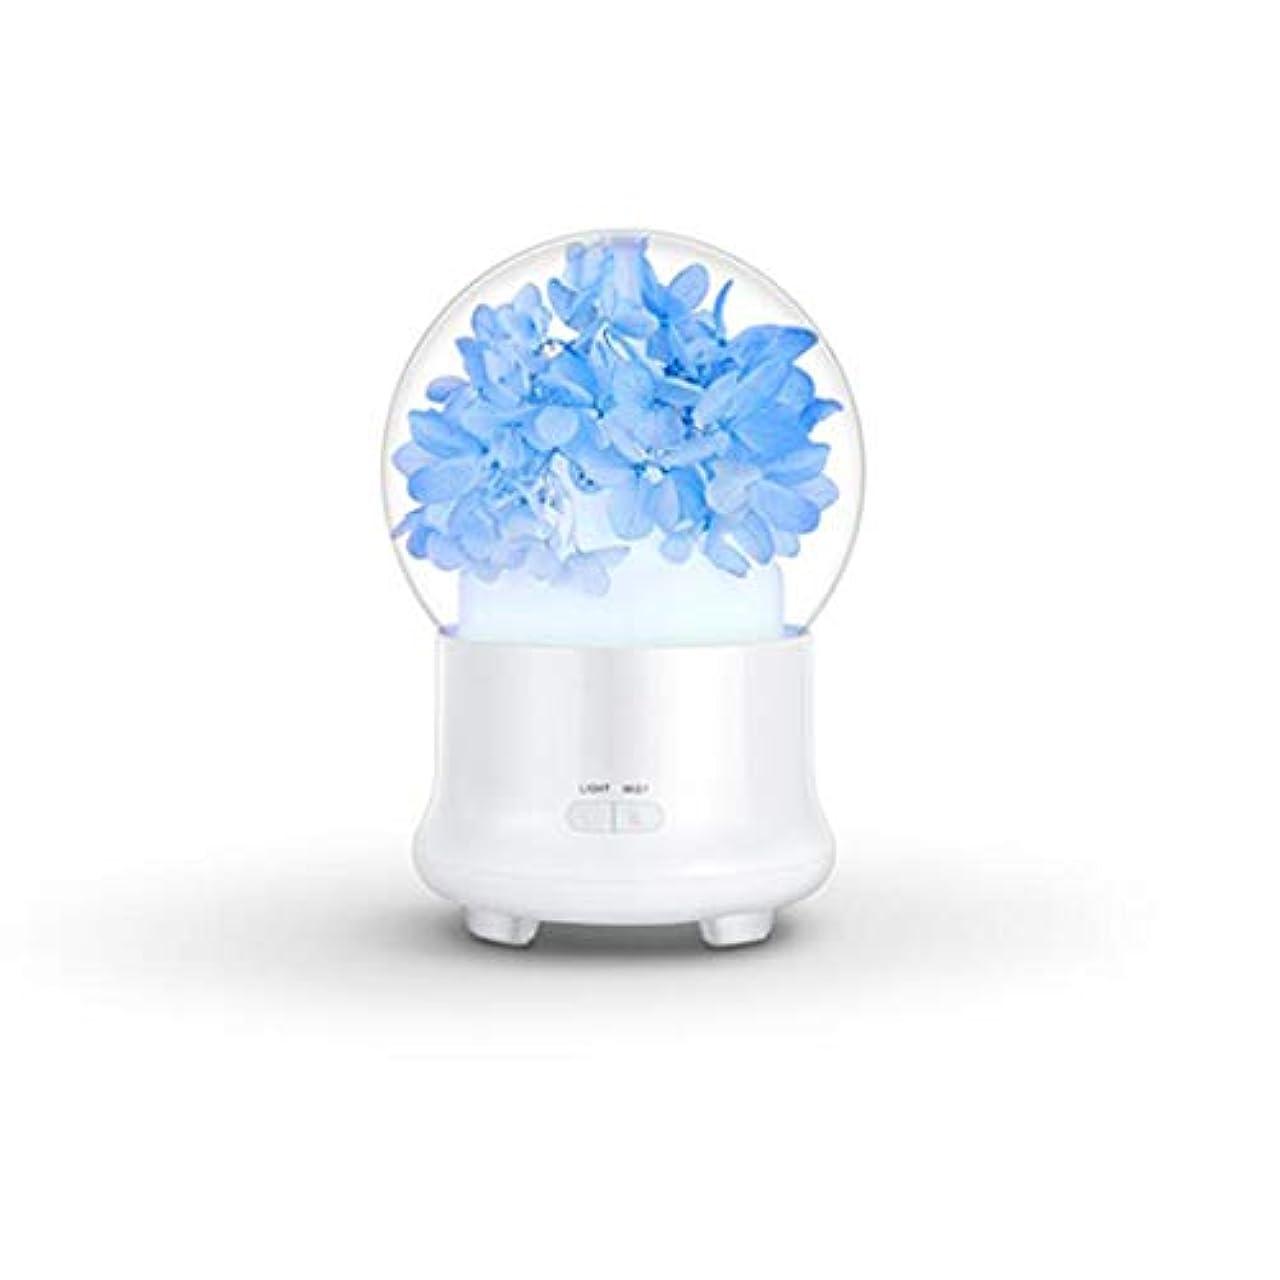 オデュッセウス発送チャーターACHICOO アロマディフューザー 加湿器 花 電気 カラフル LED ミストフォッガー かわいい 安全 24V 12 x 12 x 16.8cm ブルー